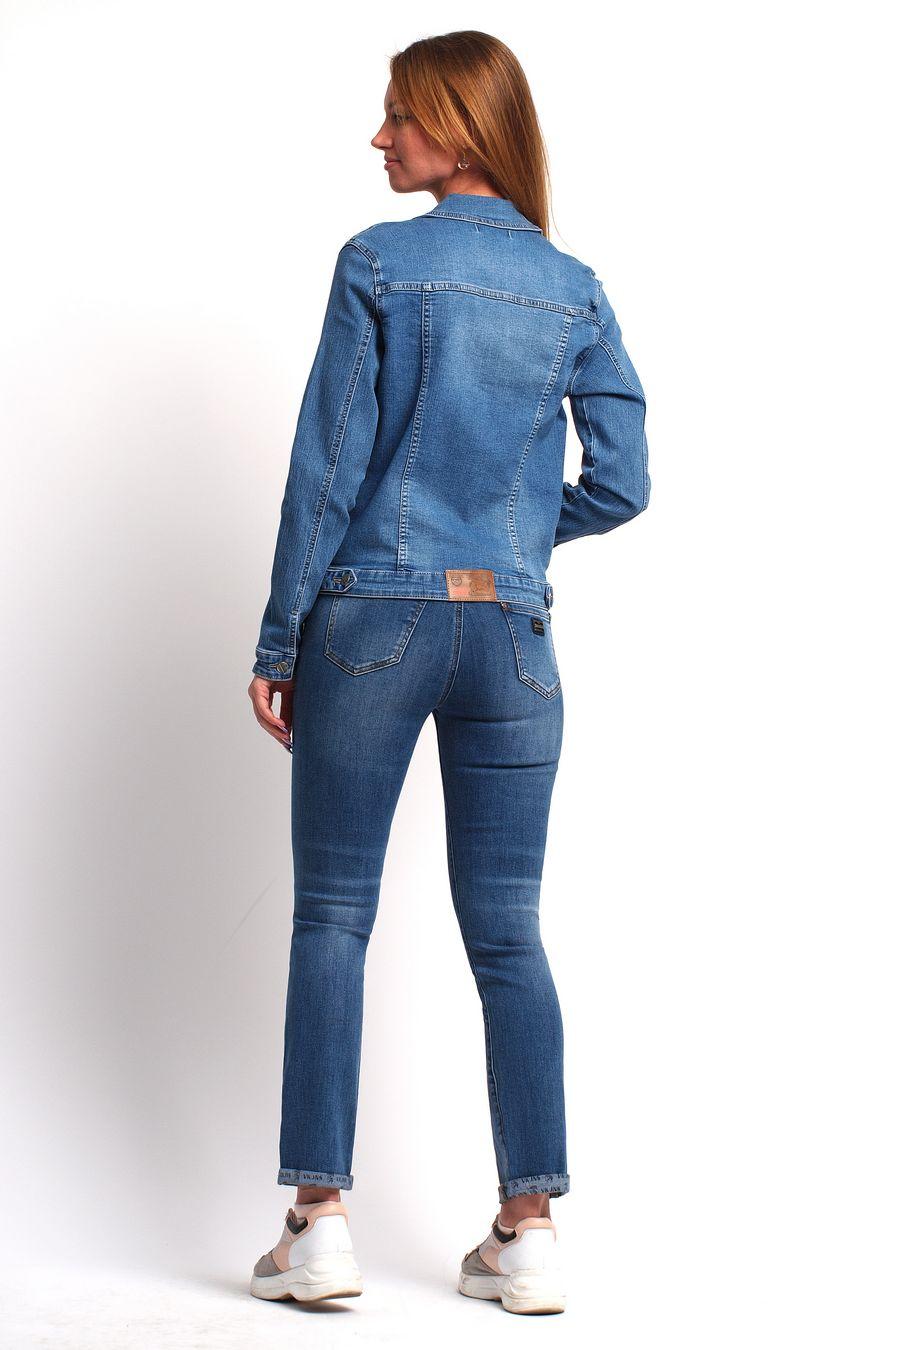 Пиджак женский (джинсовка) Bicstar 2508-AW - фото 3